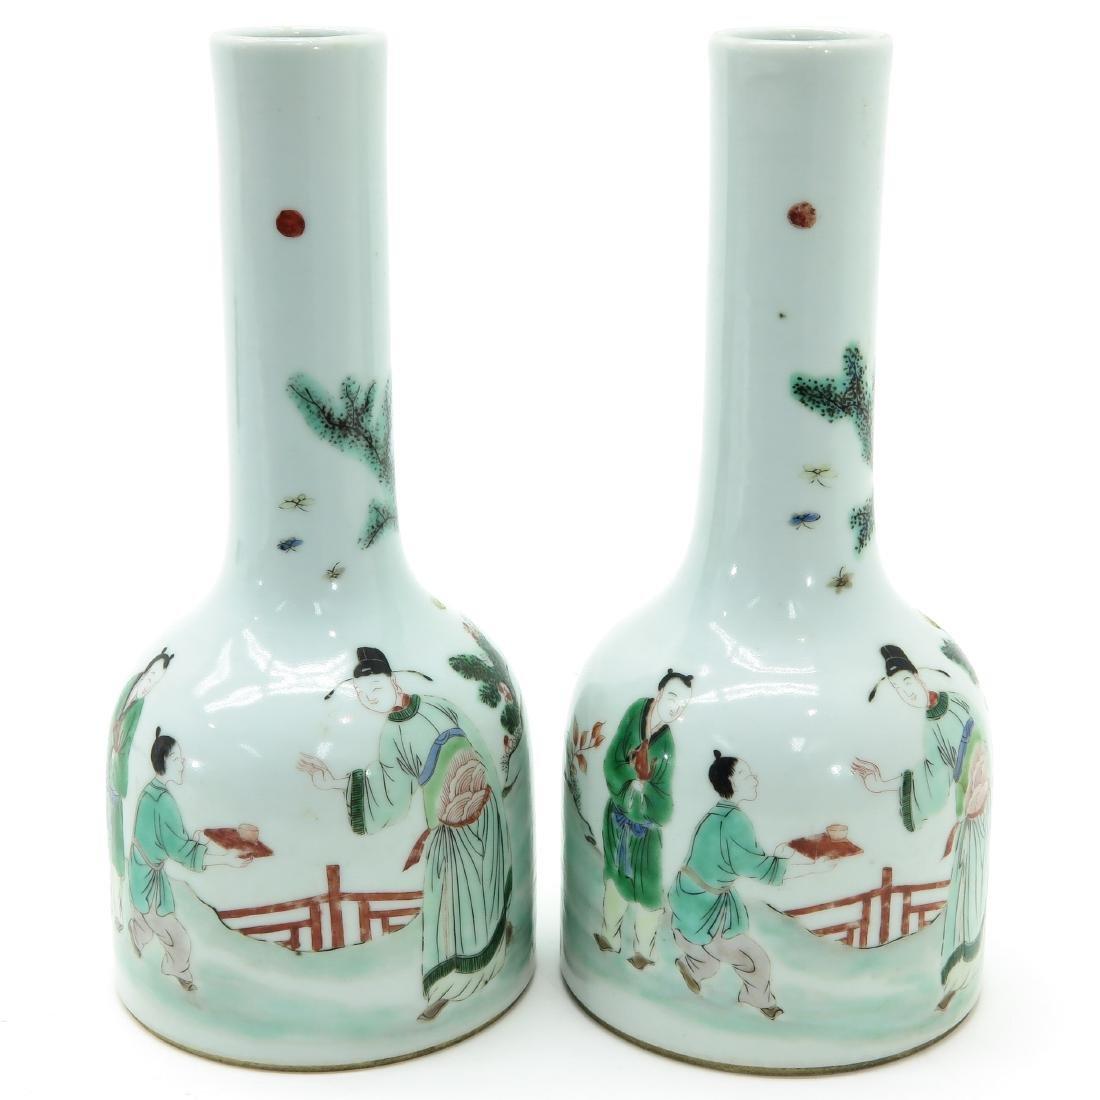 A Pair of Famille Verte Decor Vases